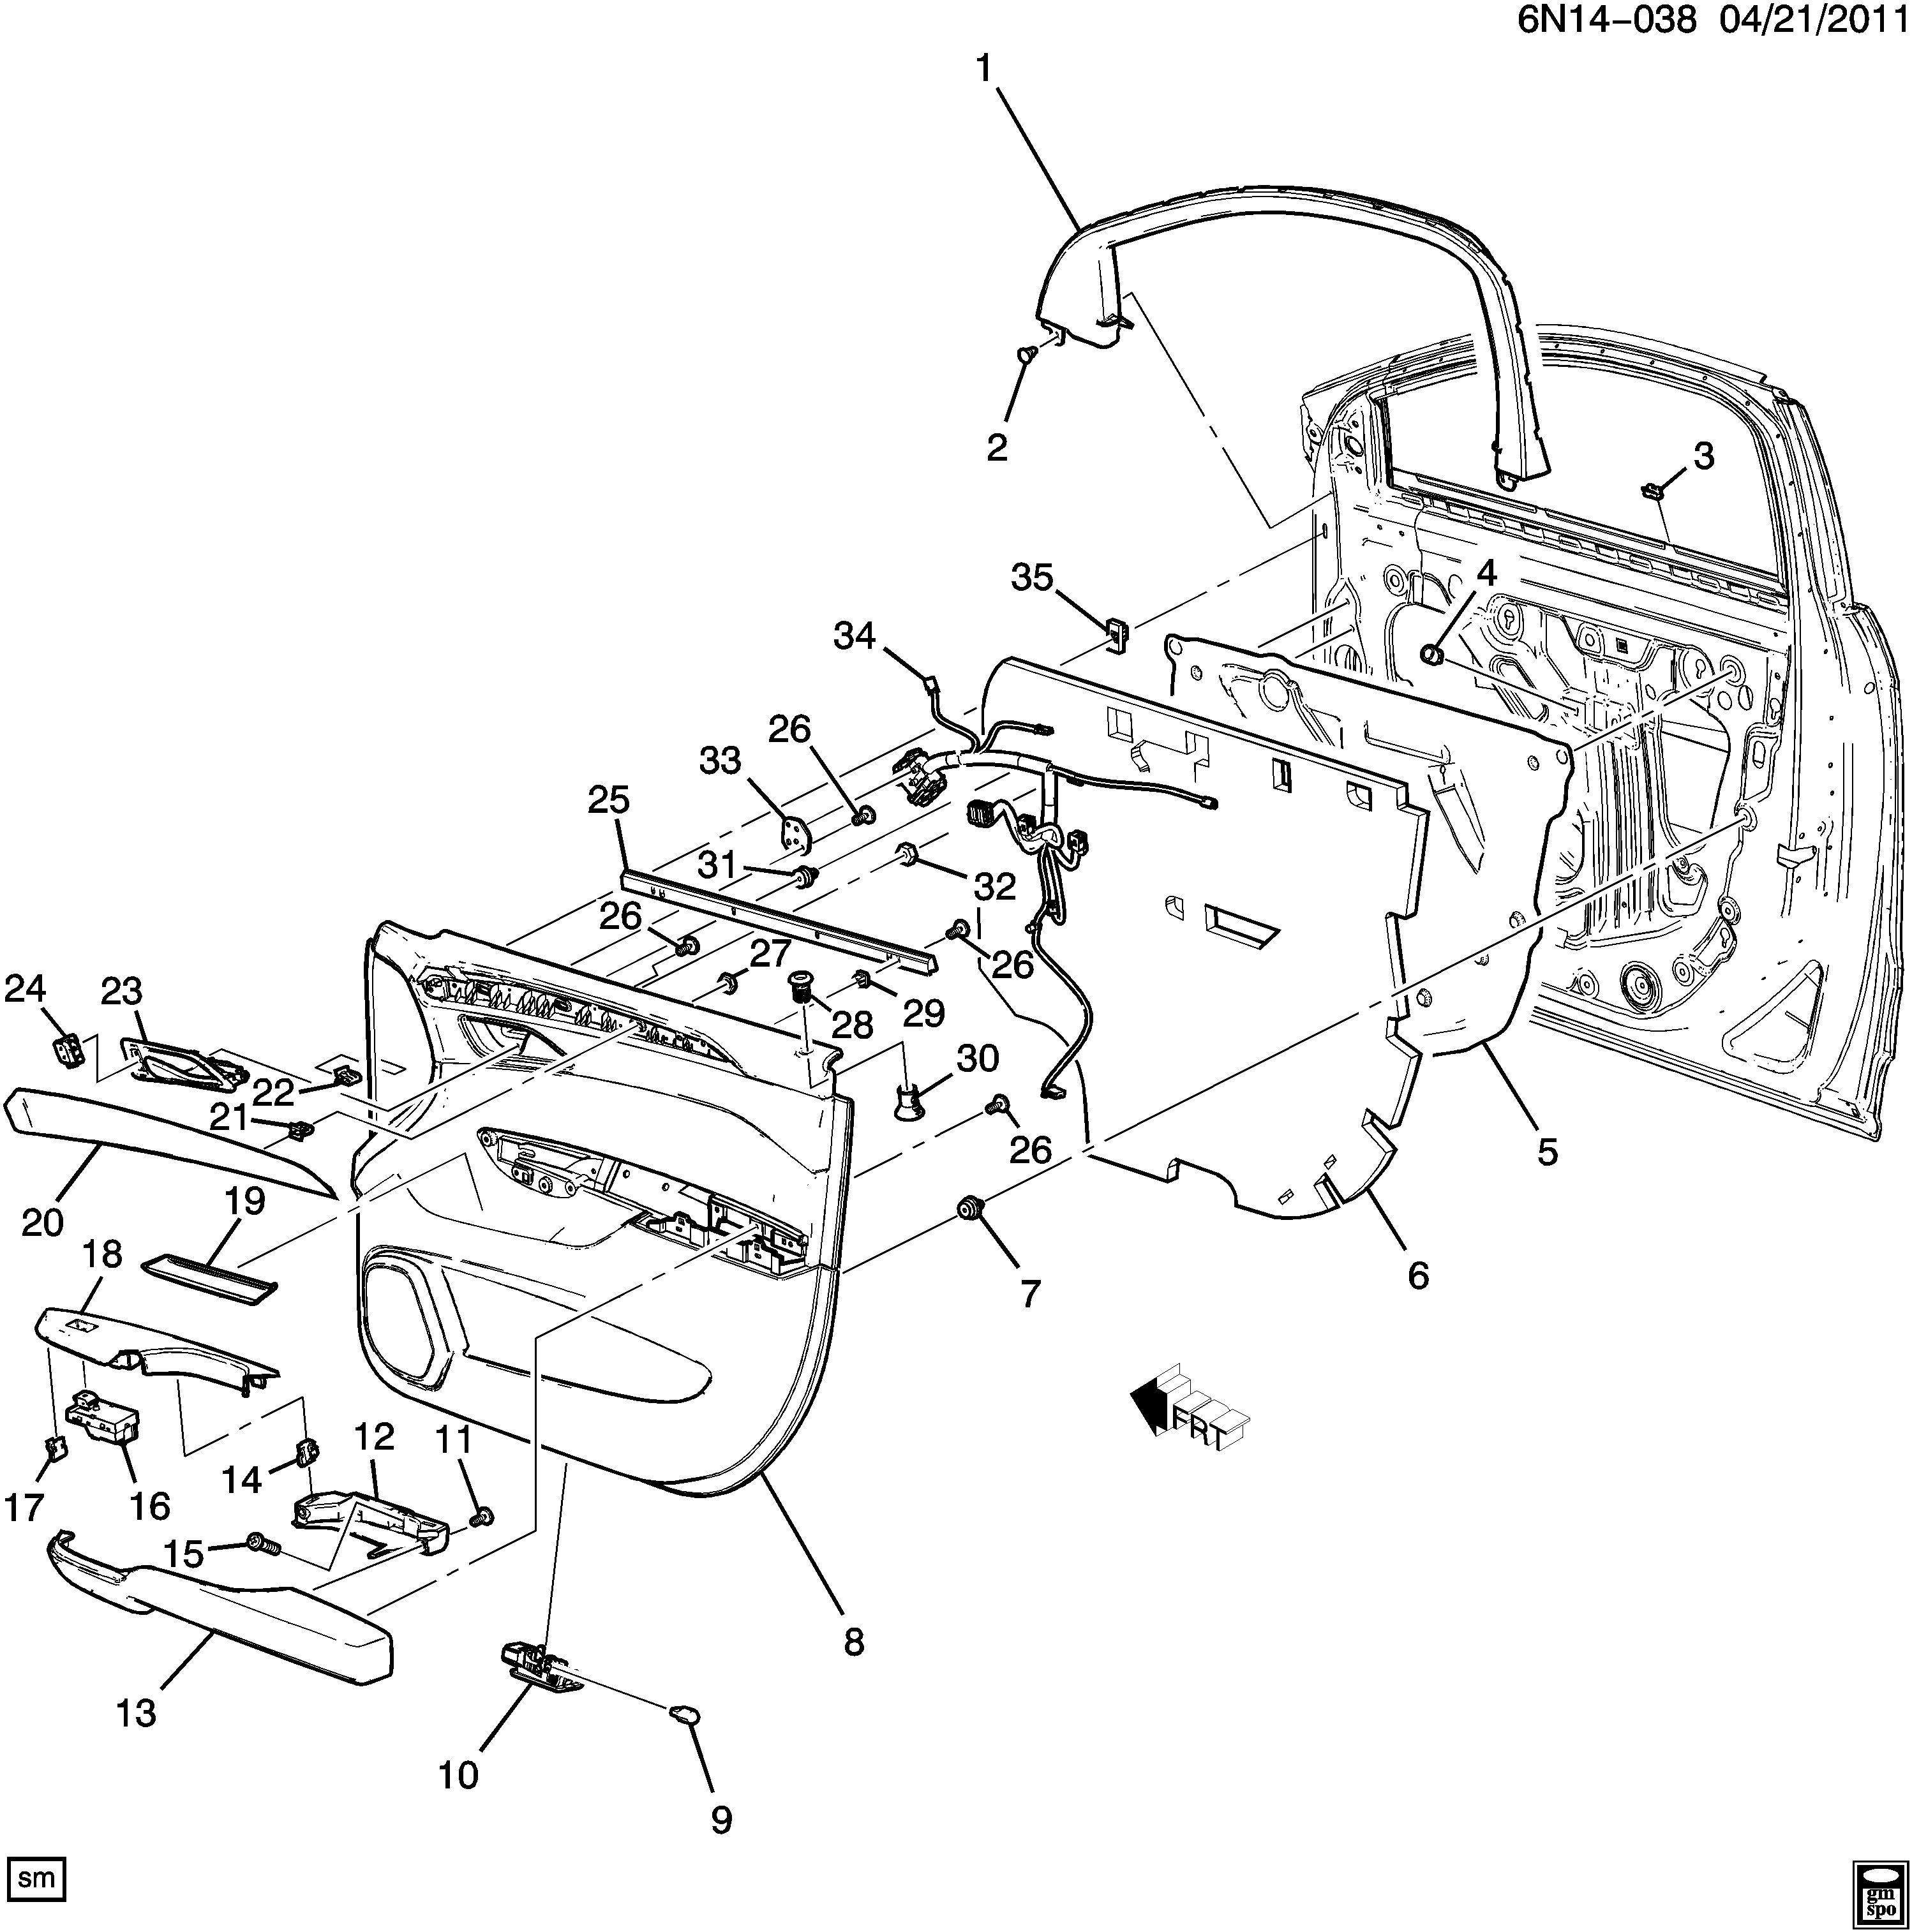 2012 Cadillac Srx Harness  Body Wiring  Harness  Frt S  D Dr Lk  U0026 P  W  U0026 O  S Rr View Mir Wrg